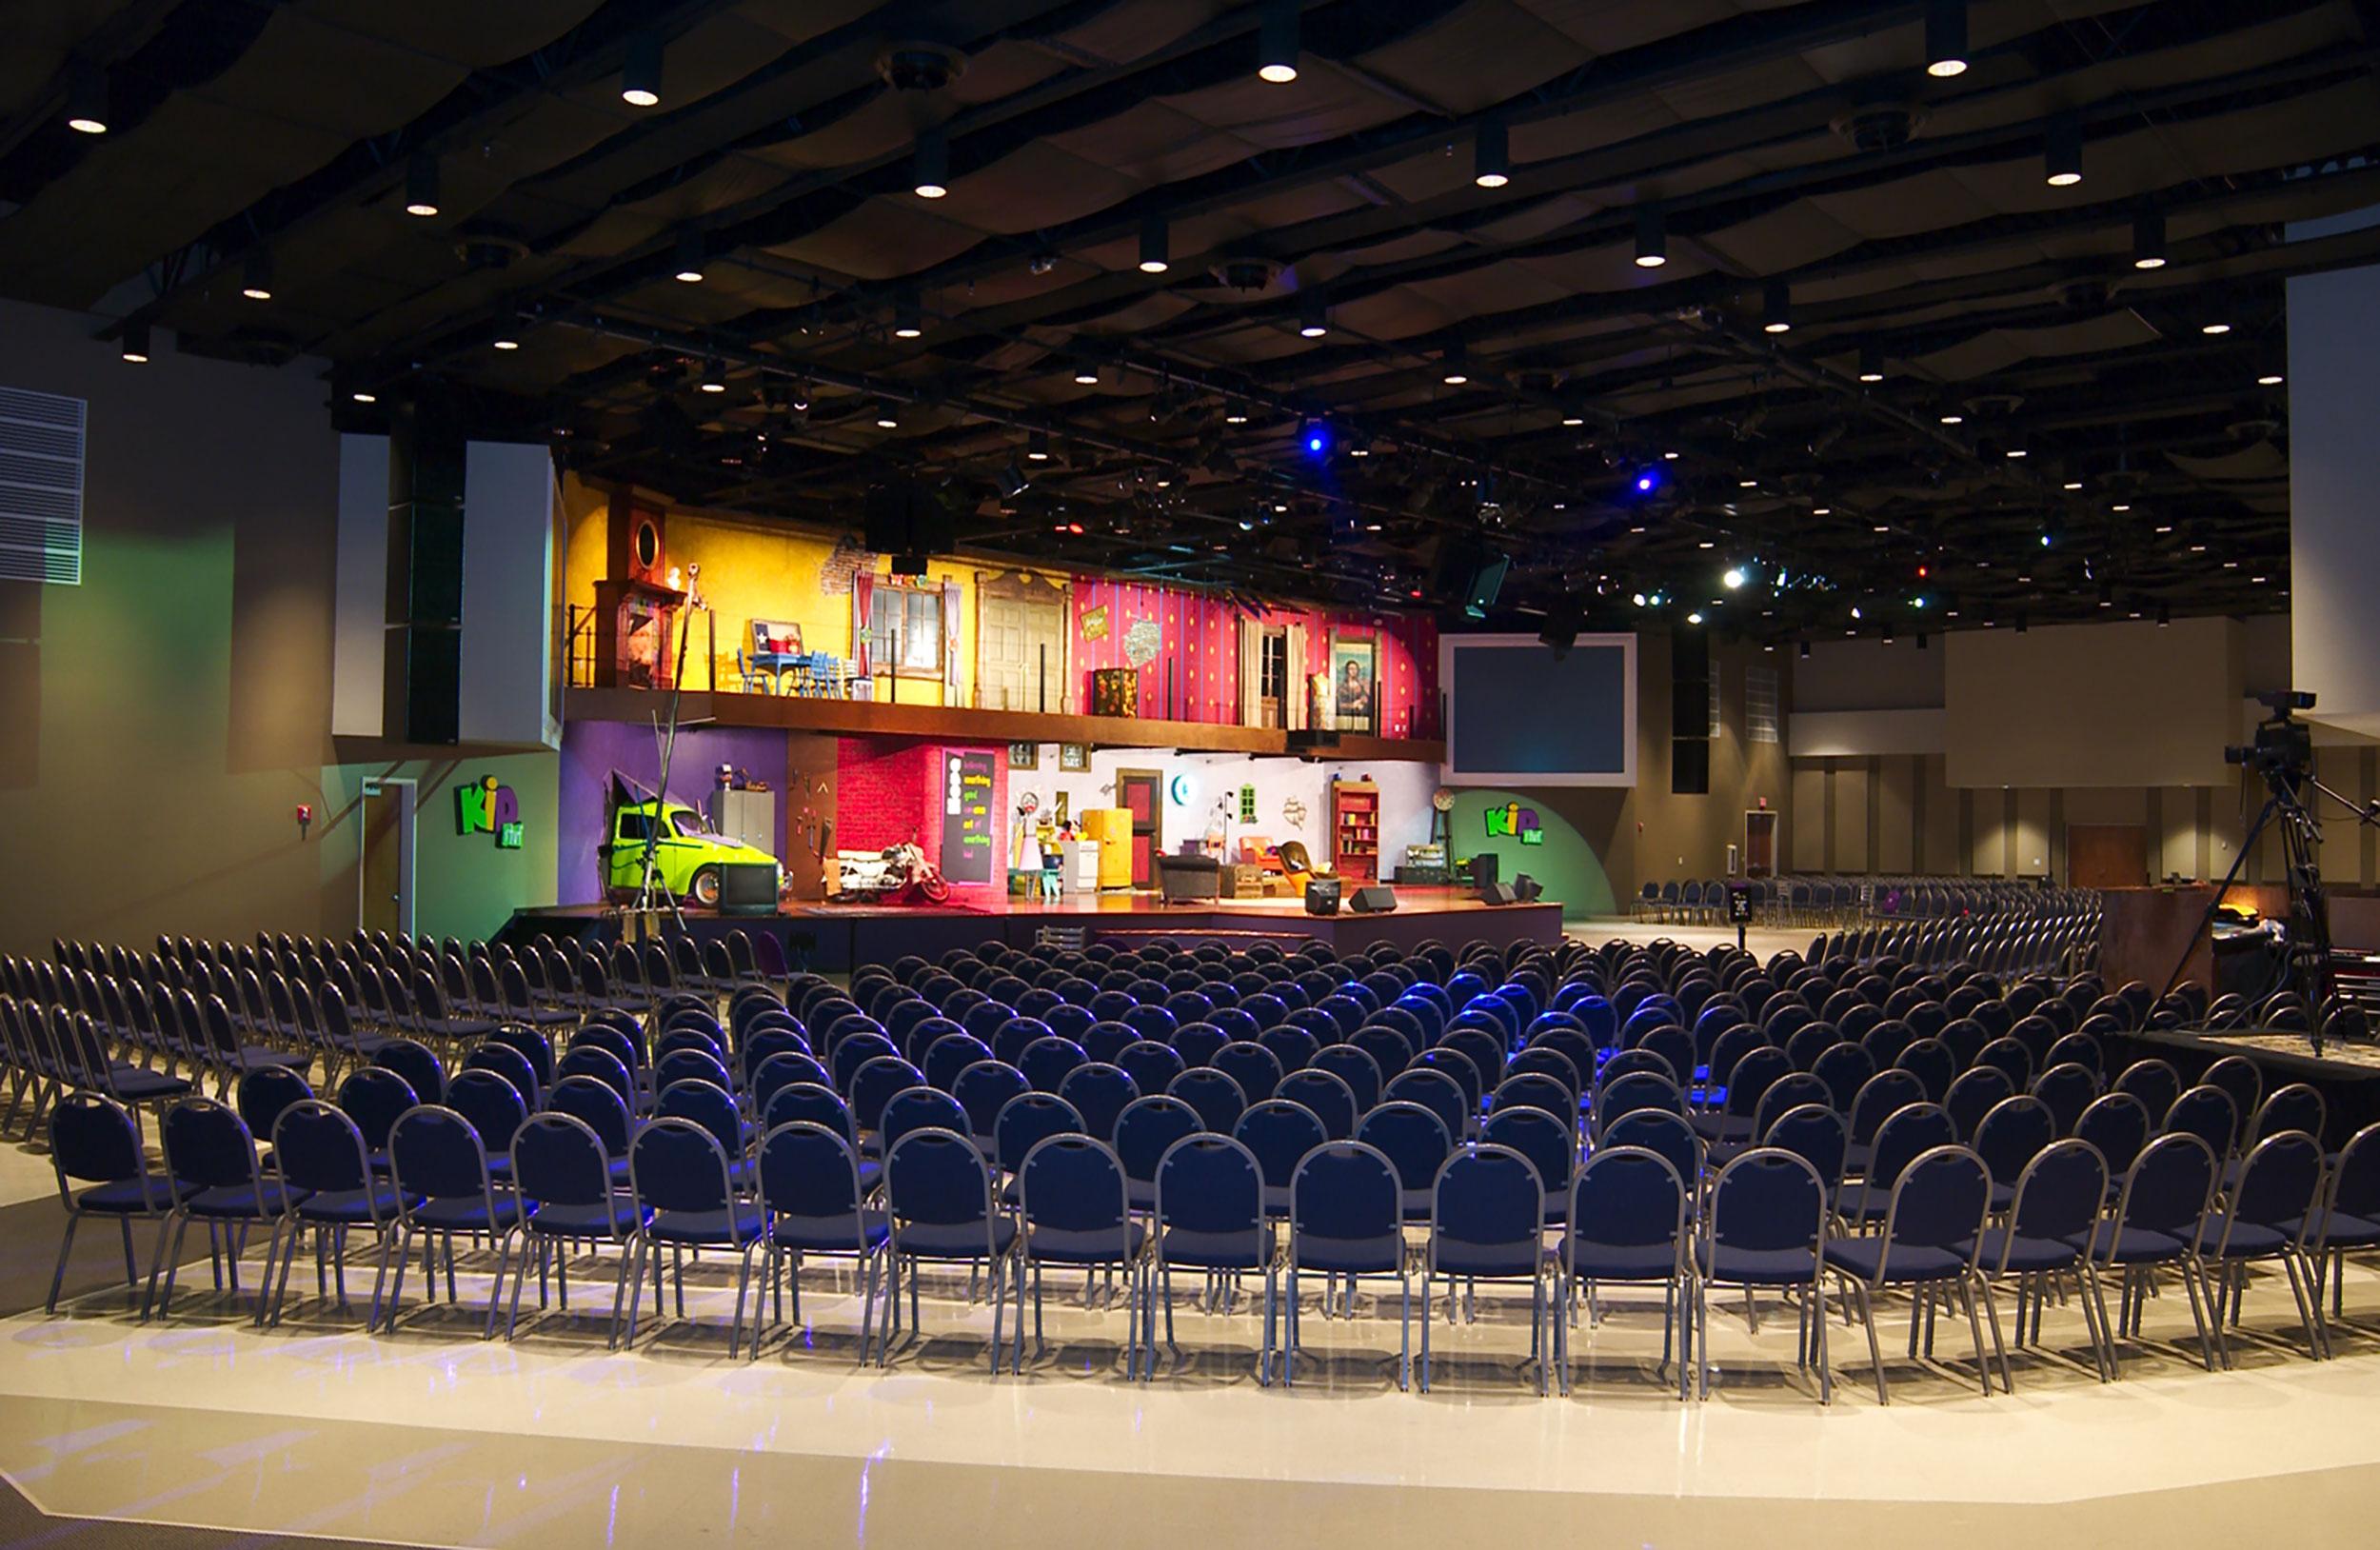 NorthPointChurch_Auditorium.jpg